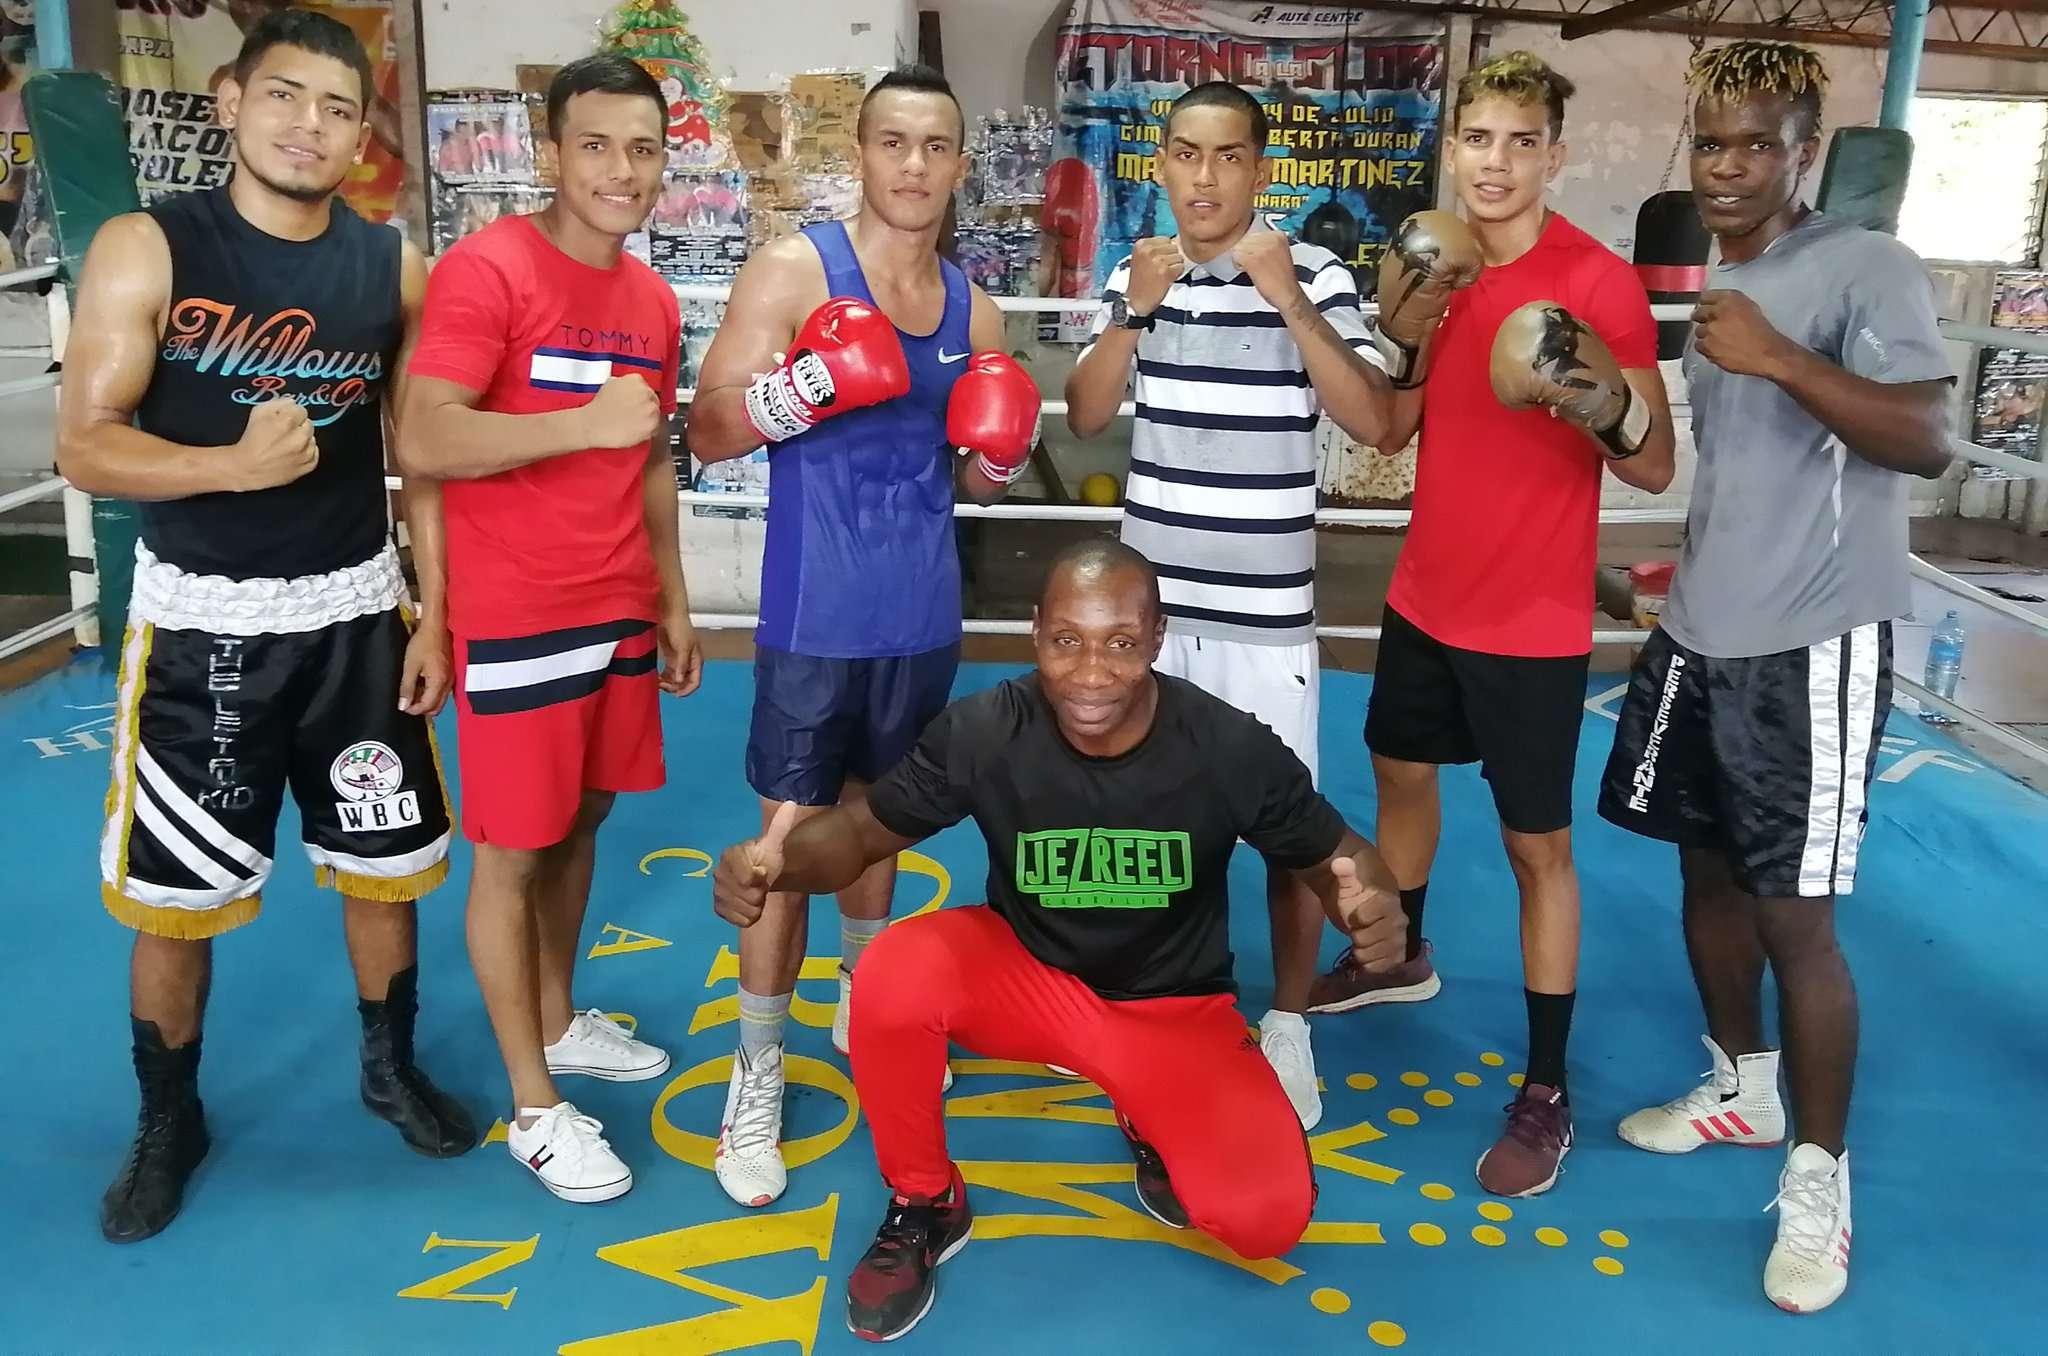 El entrenador Juan Mosquera junto a los boxeadores de la cuadra Los Rockeros.